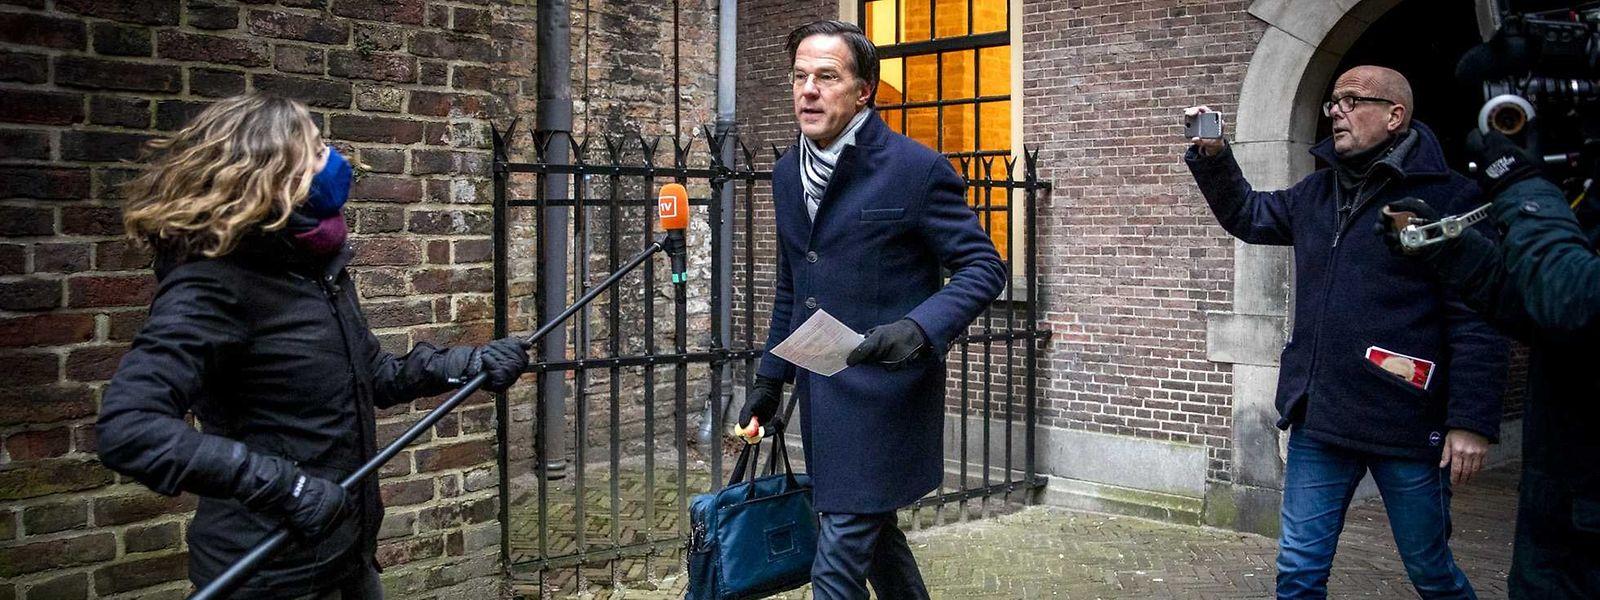 Der niederländische Premierminister Mark Rutte trifft vor dem Ministerrat im Binnenhof ein.